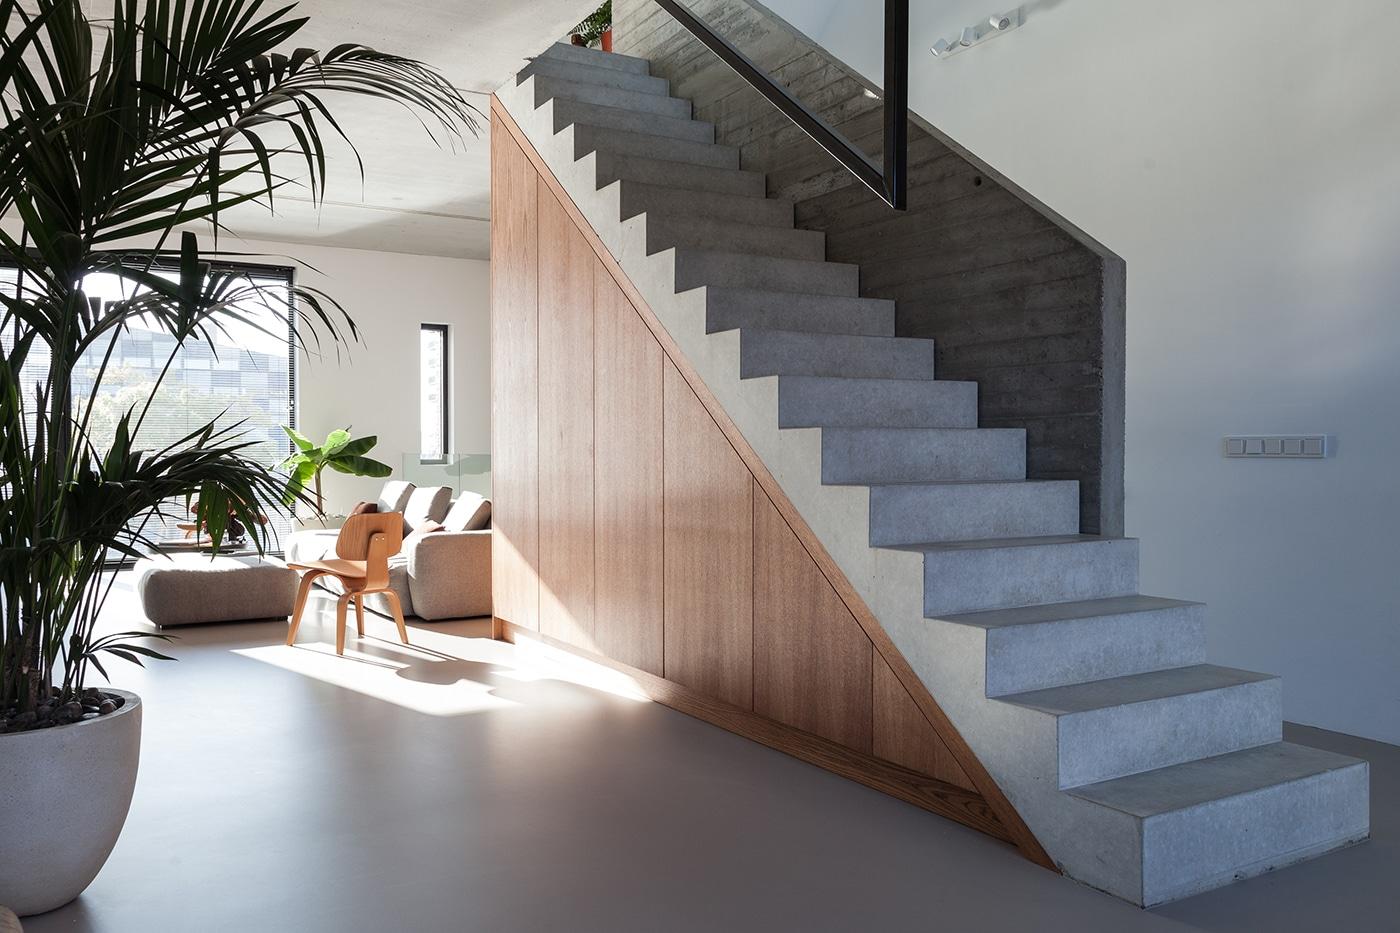 Stadsloft R+F interieur 1 trap woonkamer